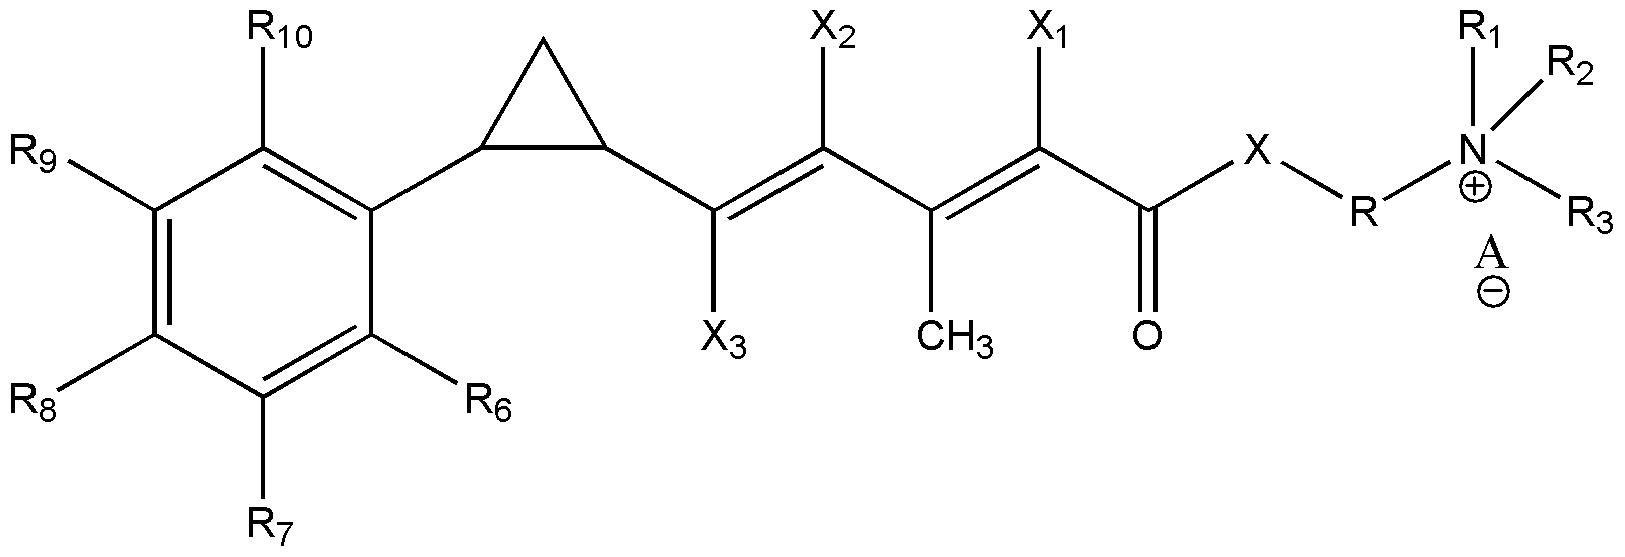 prescription for neurontin